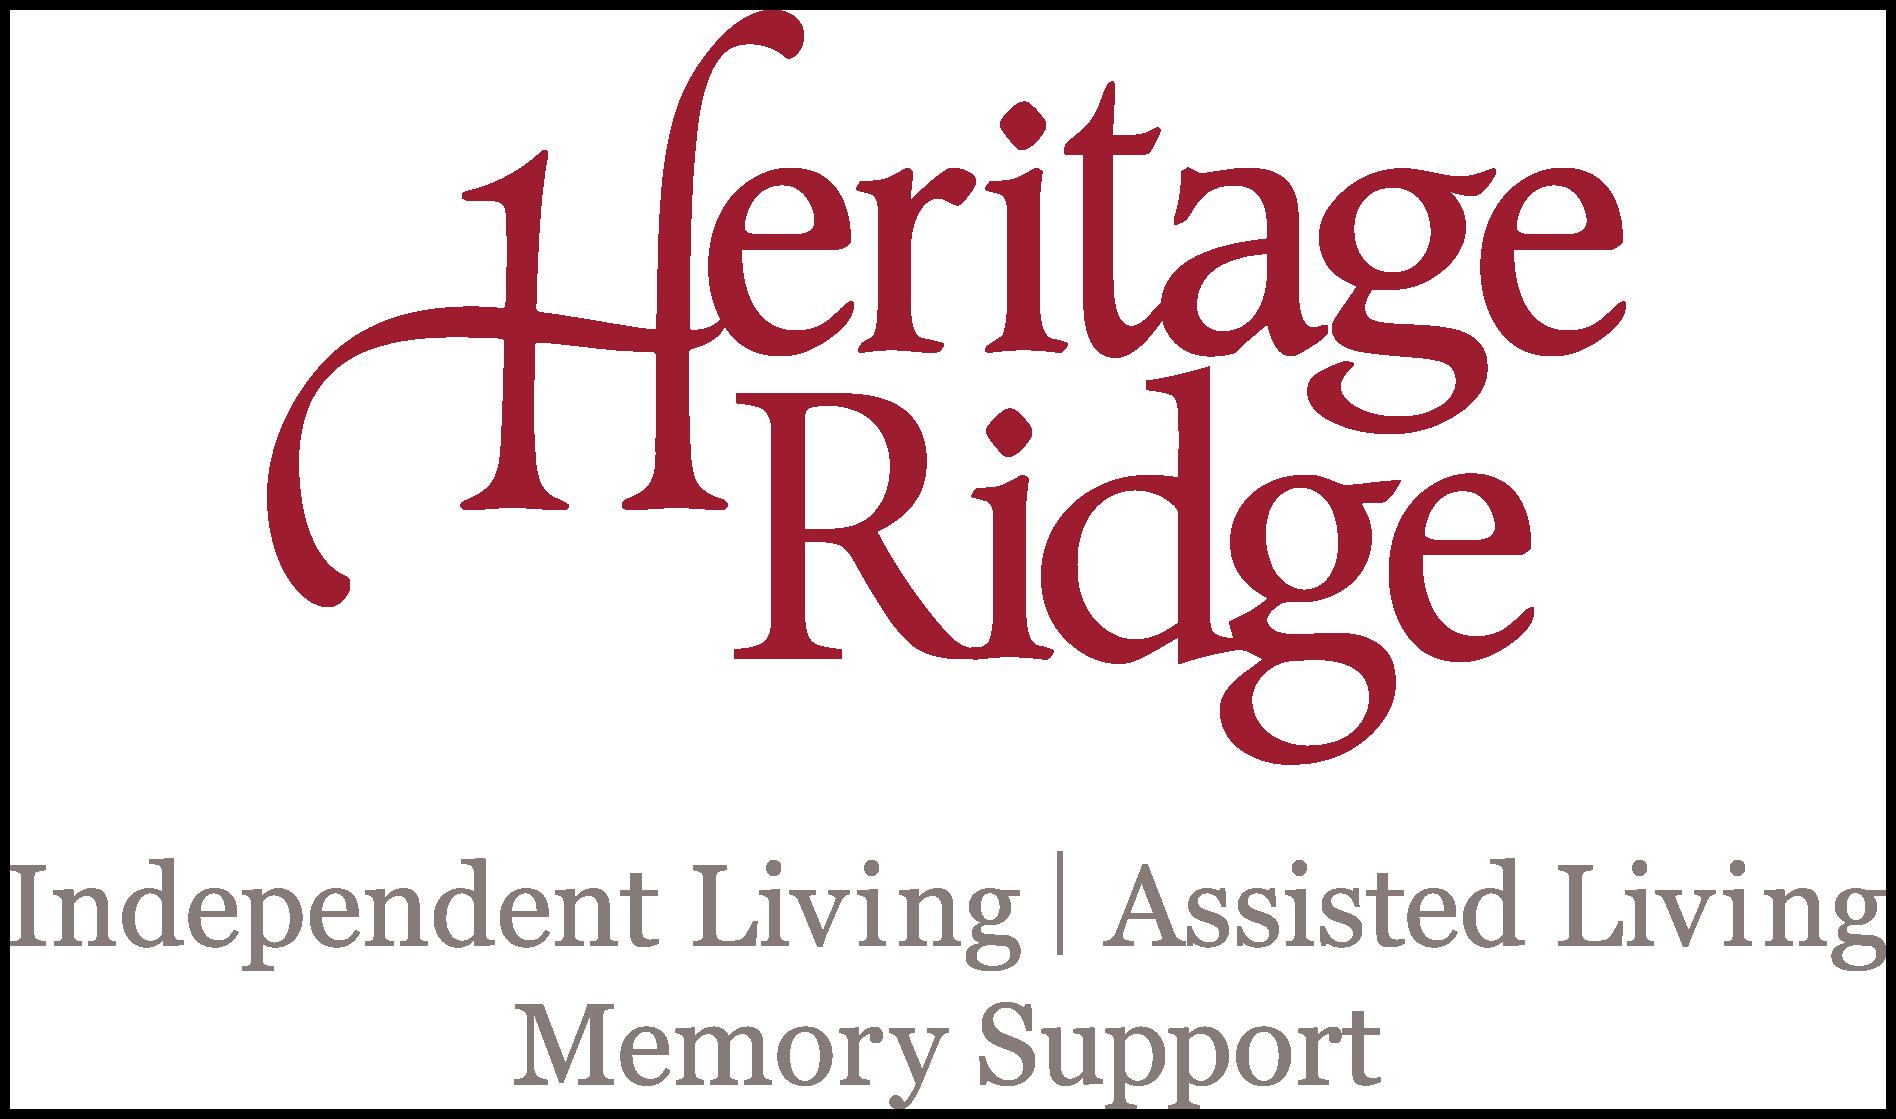 Heritage Ridge logo